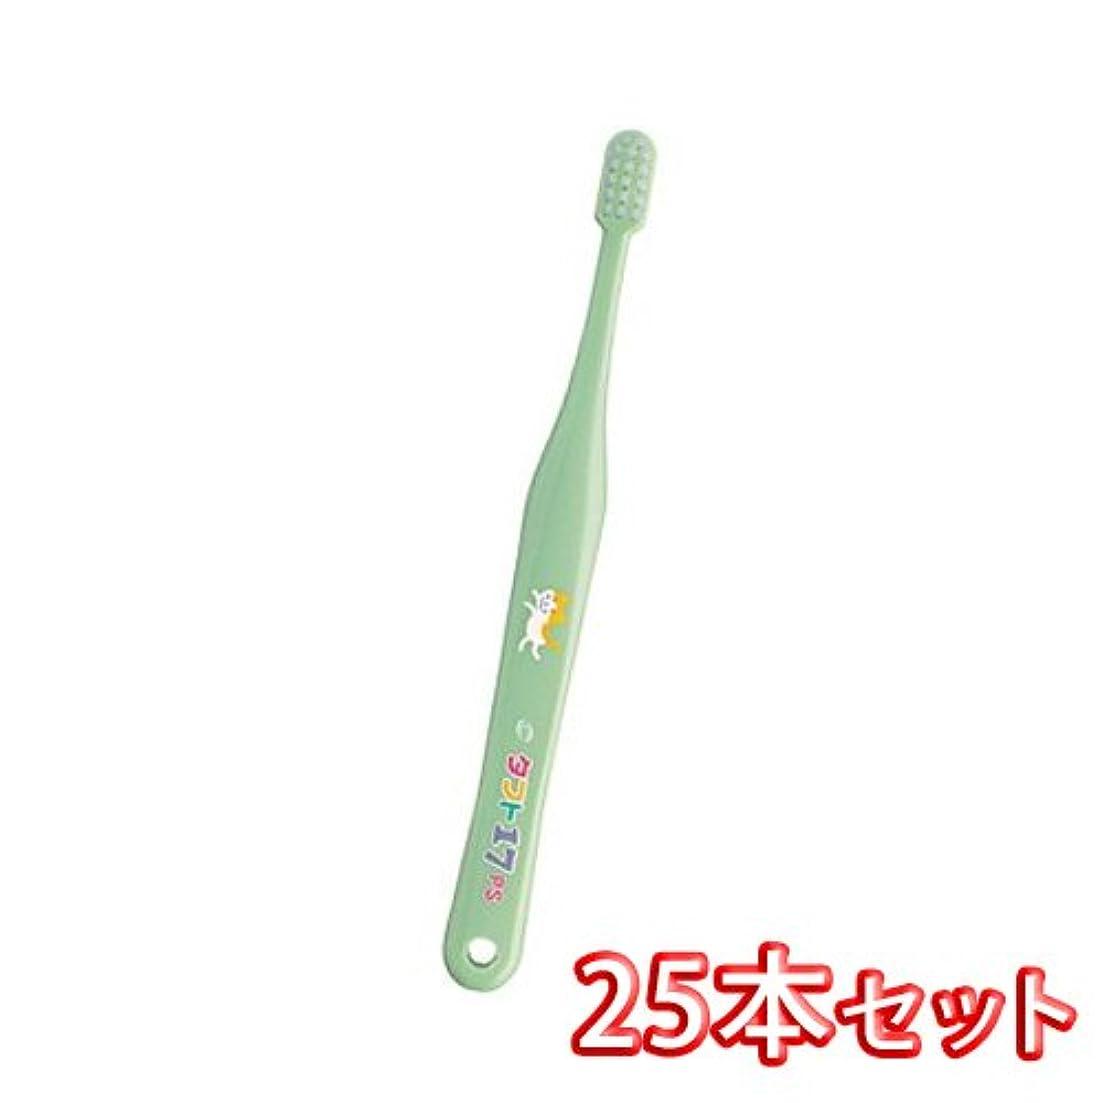 迷惑再生可能お手入れオーラルケア タフト 17 歯ブラシ プレミアムソフト 25本入 (タフト17(PS)グリーン)